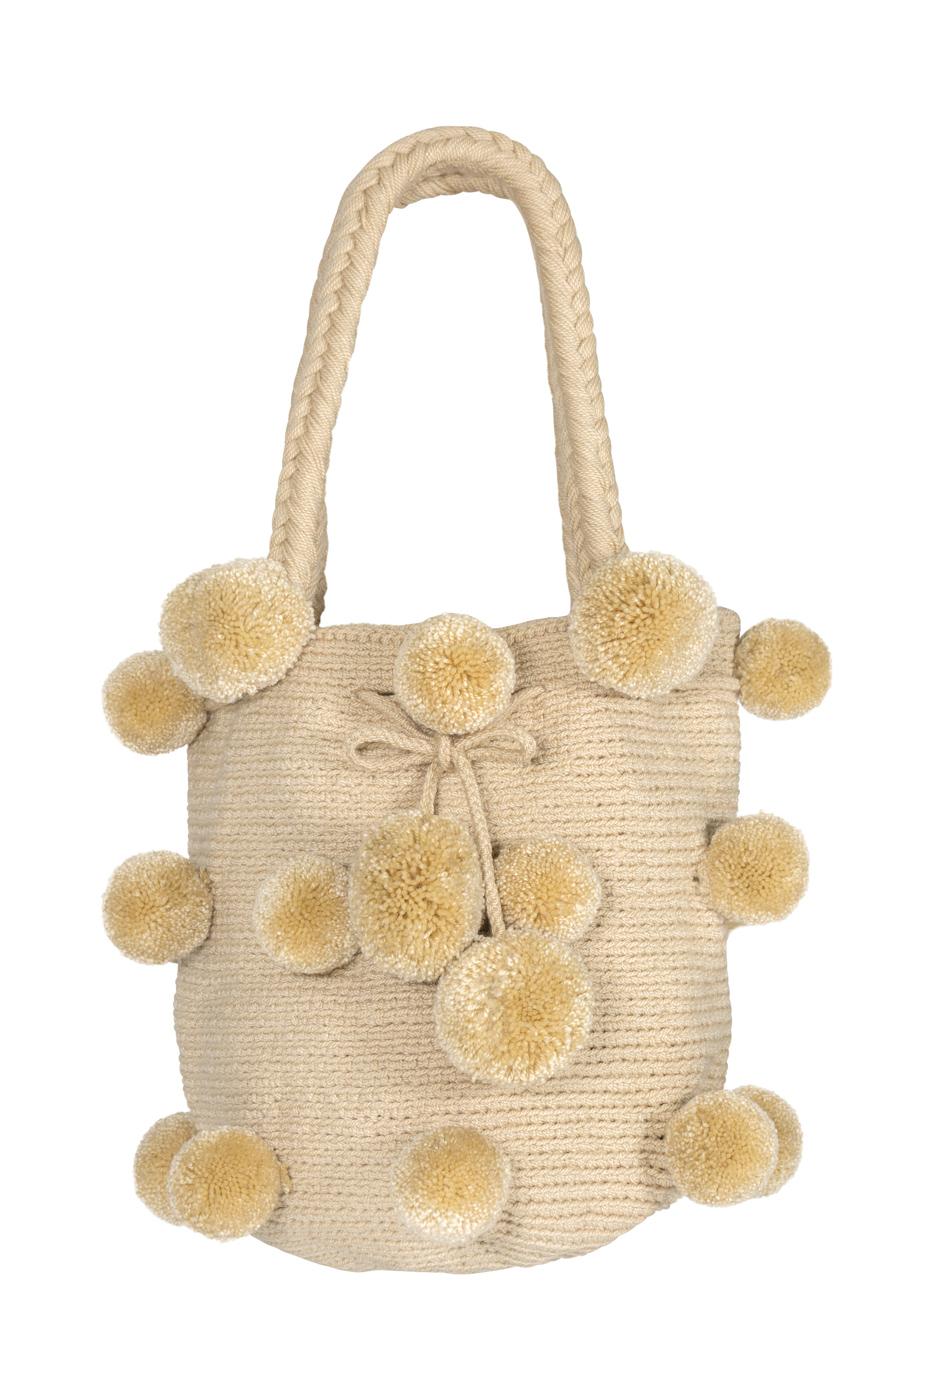 Mochila 26 pompones beige